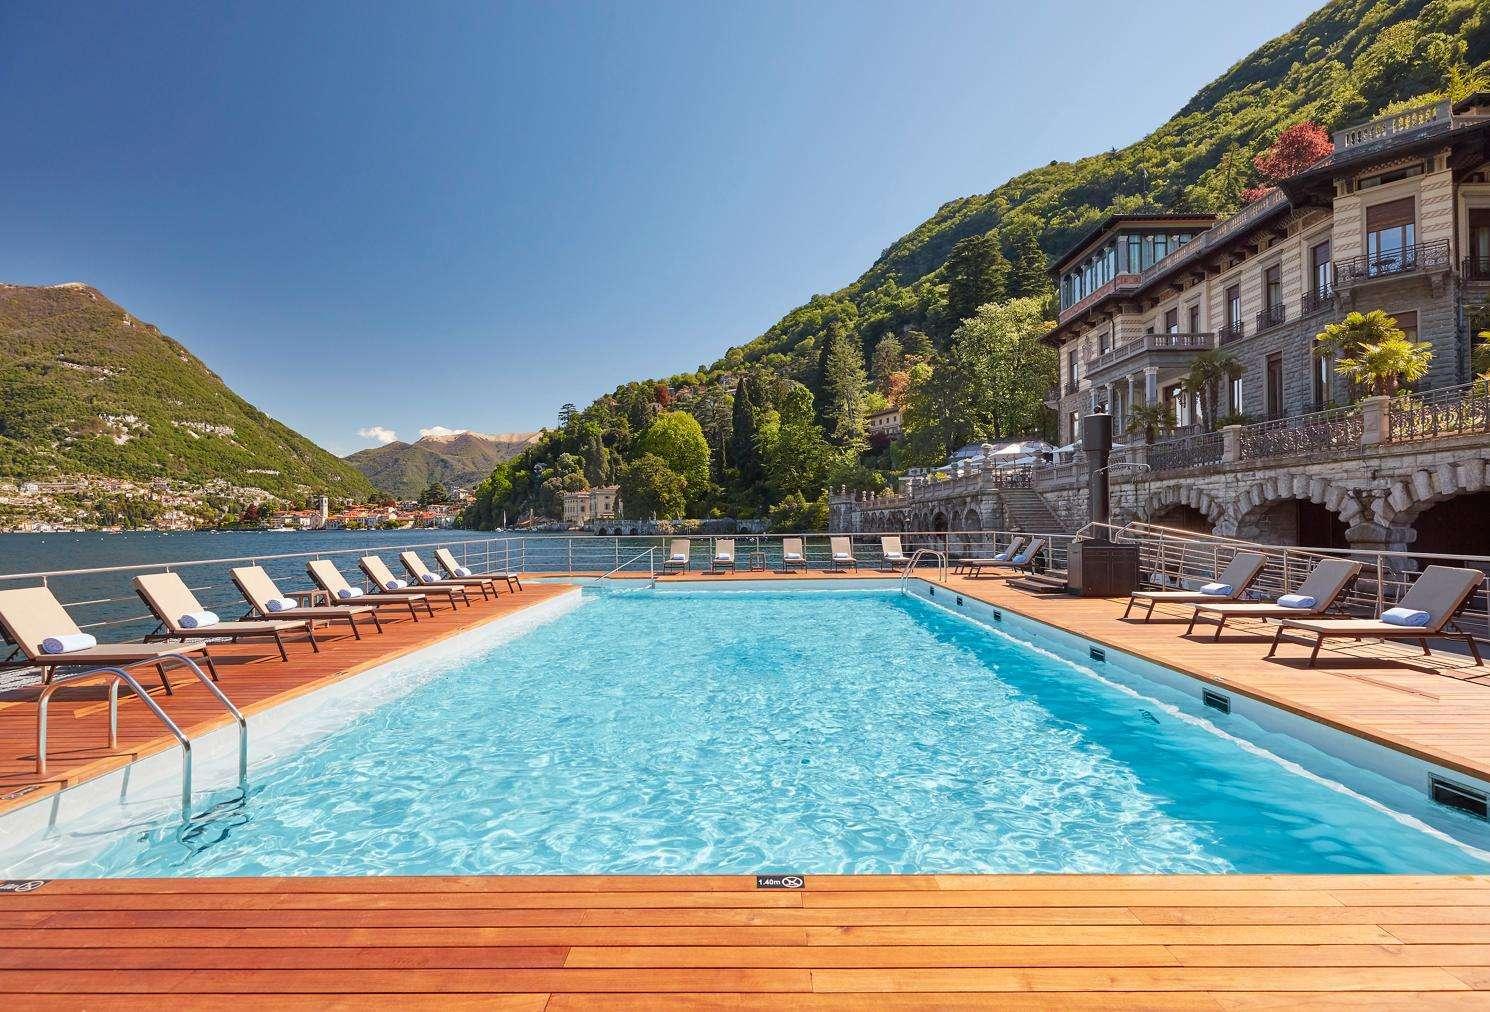 Mandarin Oriental, Lago di Como, Lake Como, Italy